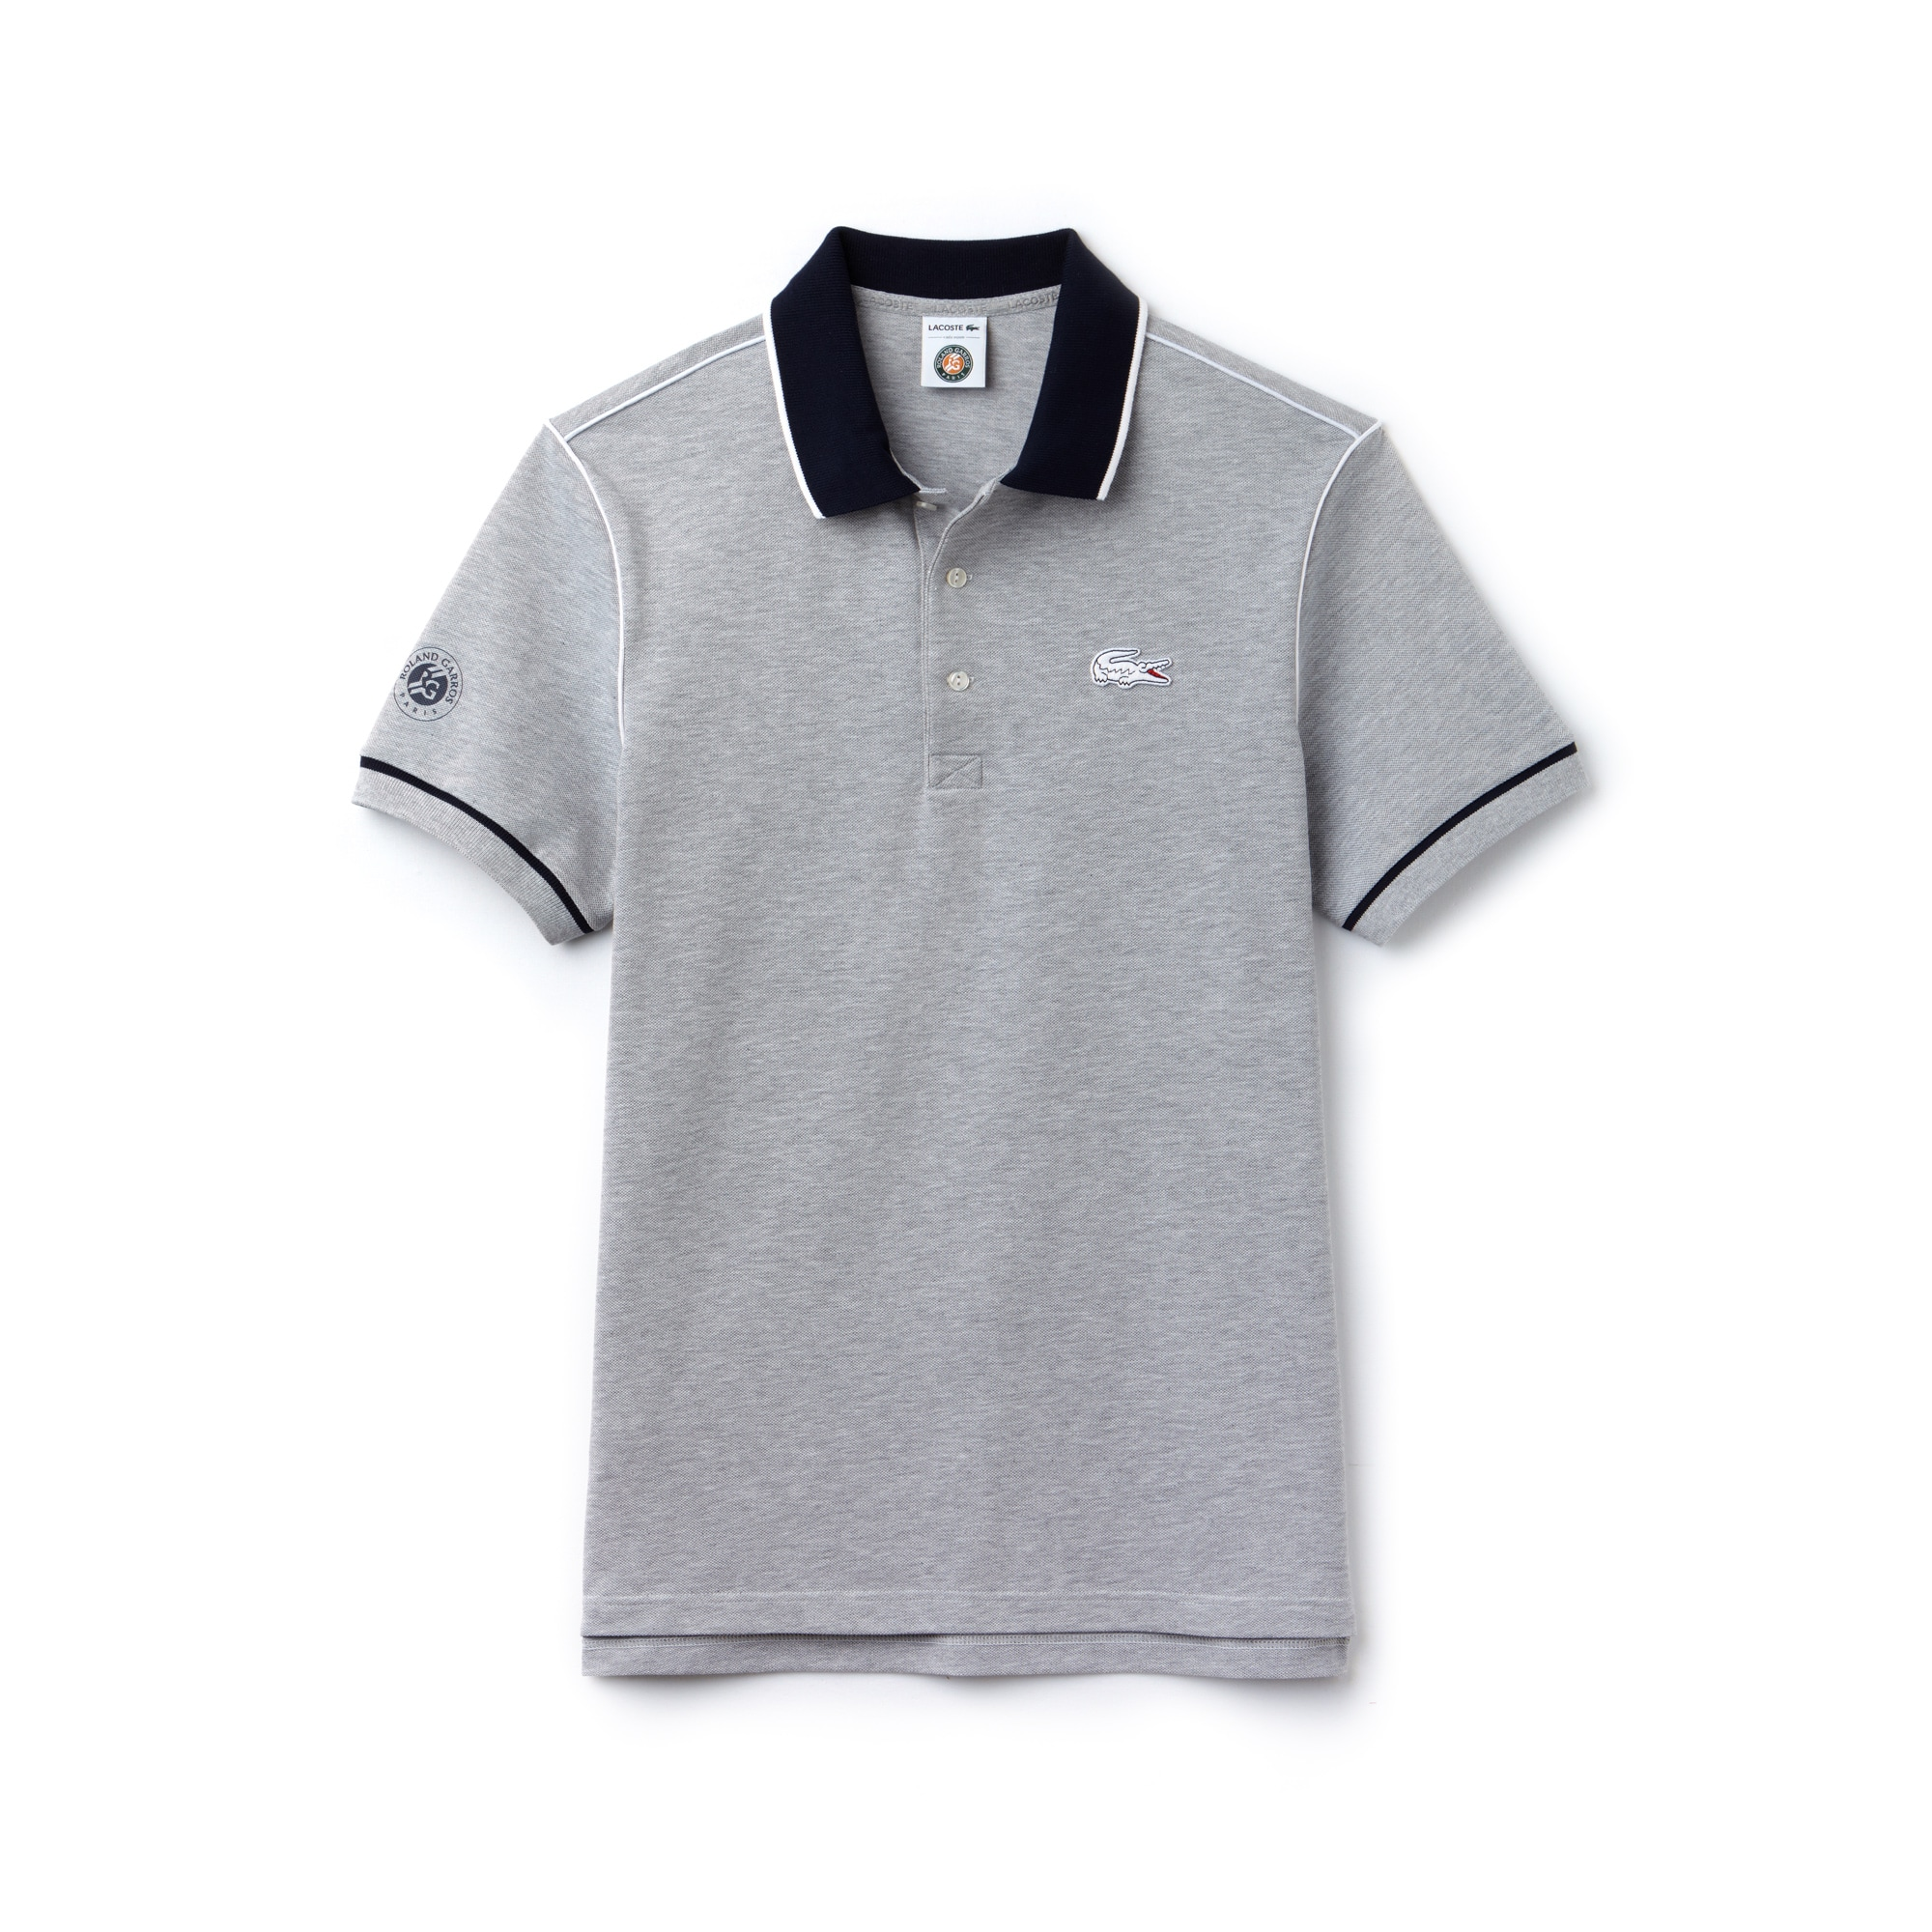 Herren LACOSTE SPORT Roland Garros Edition Poloshirt